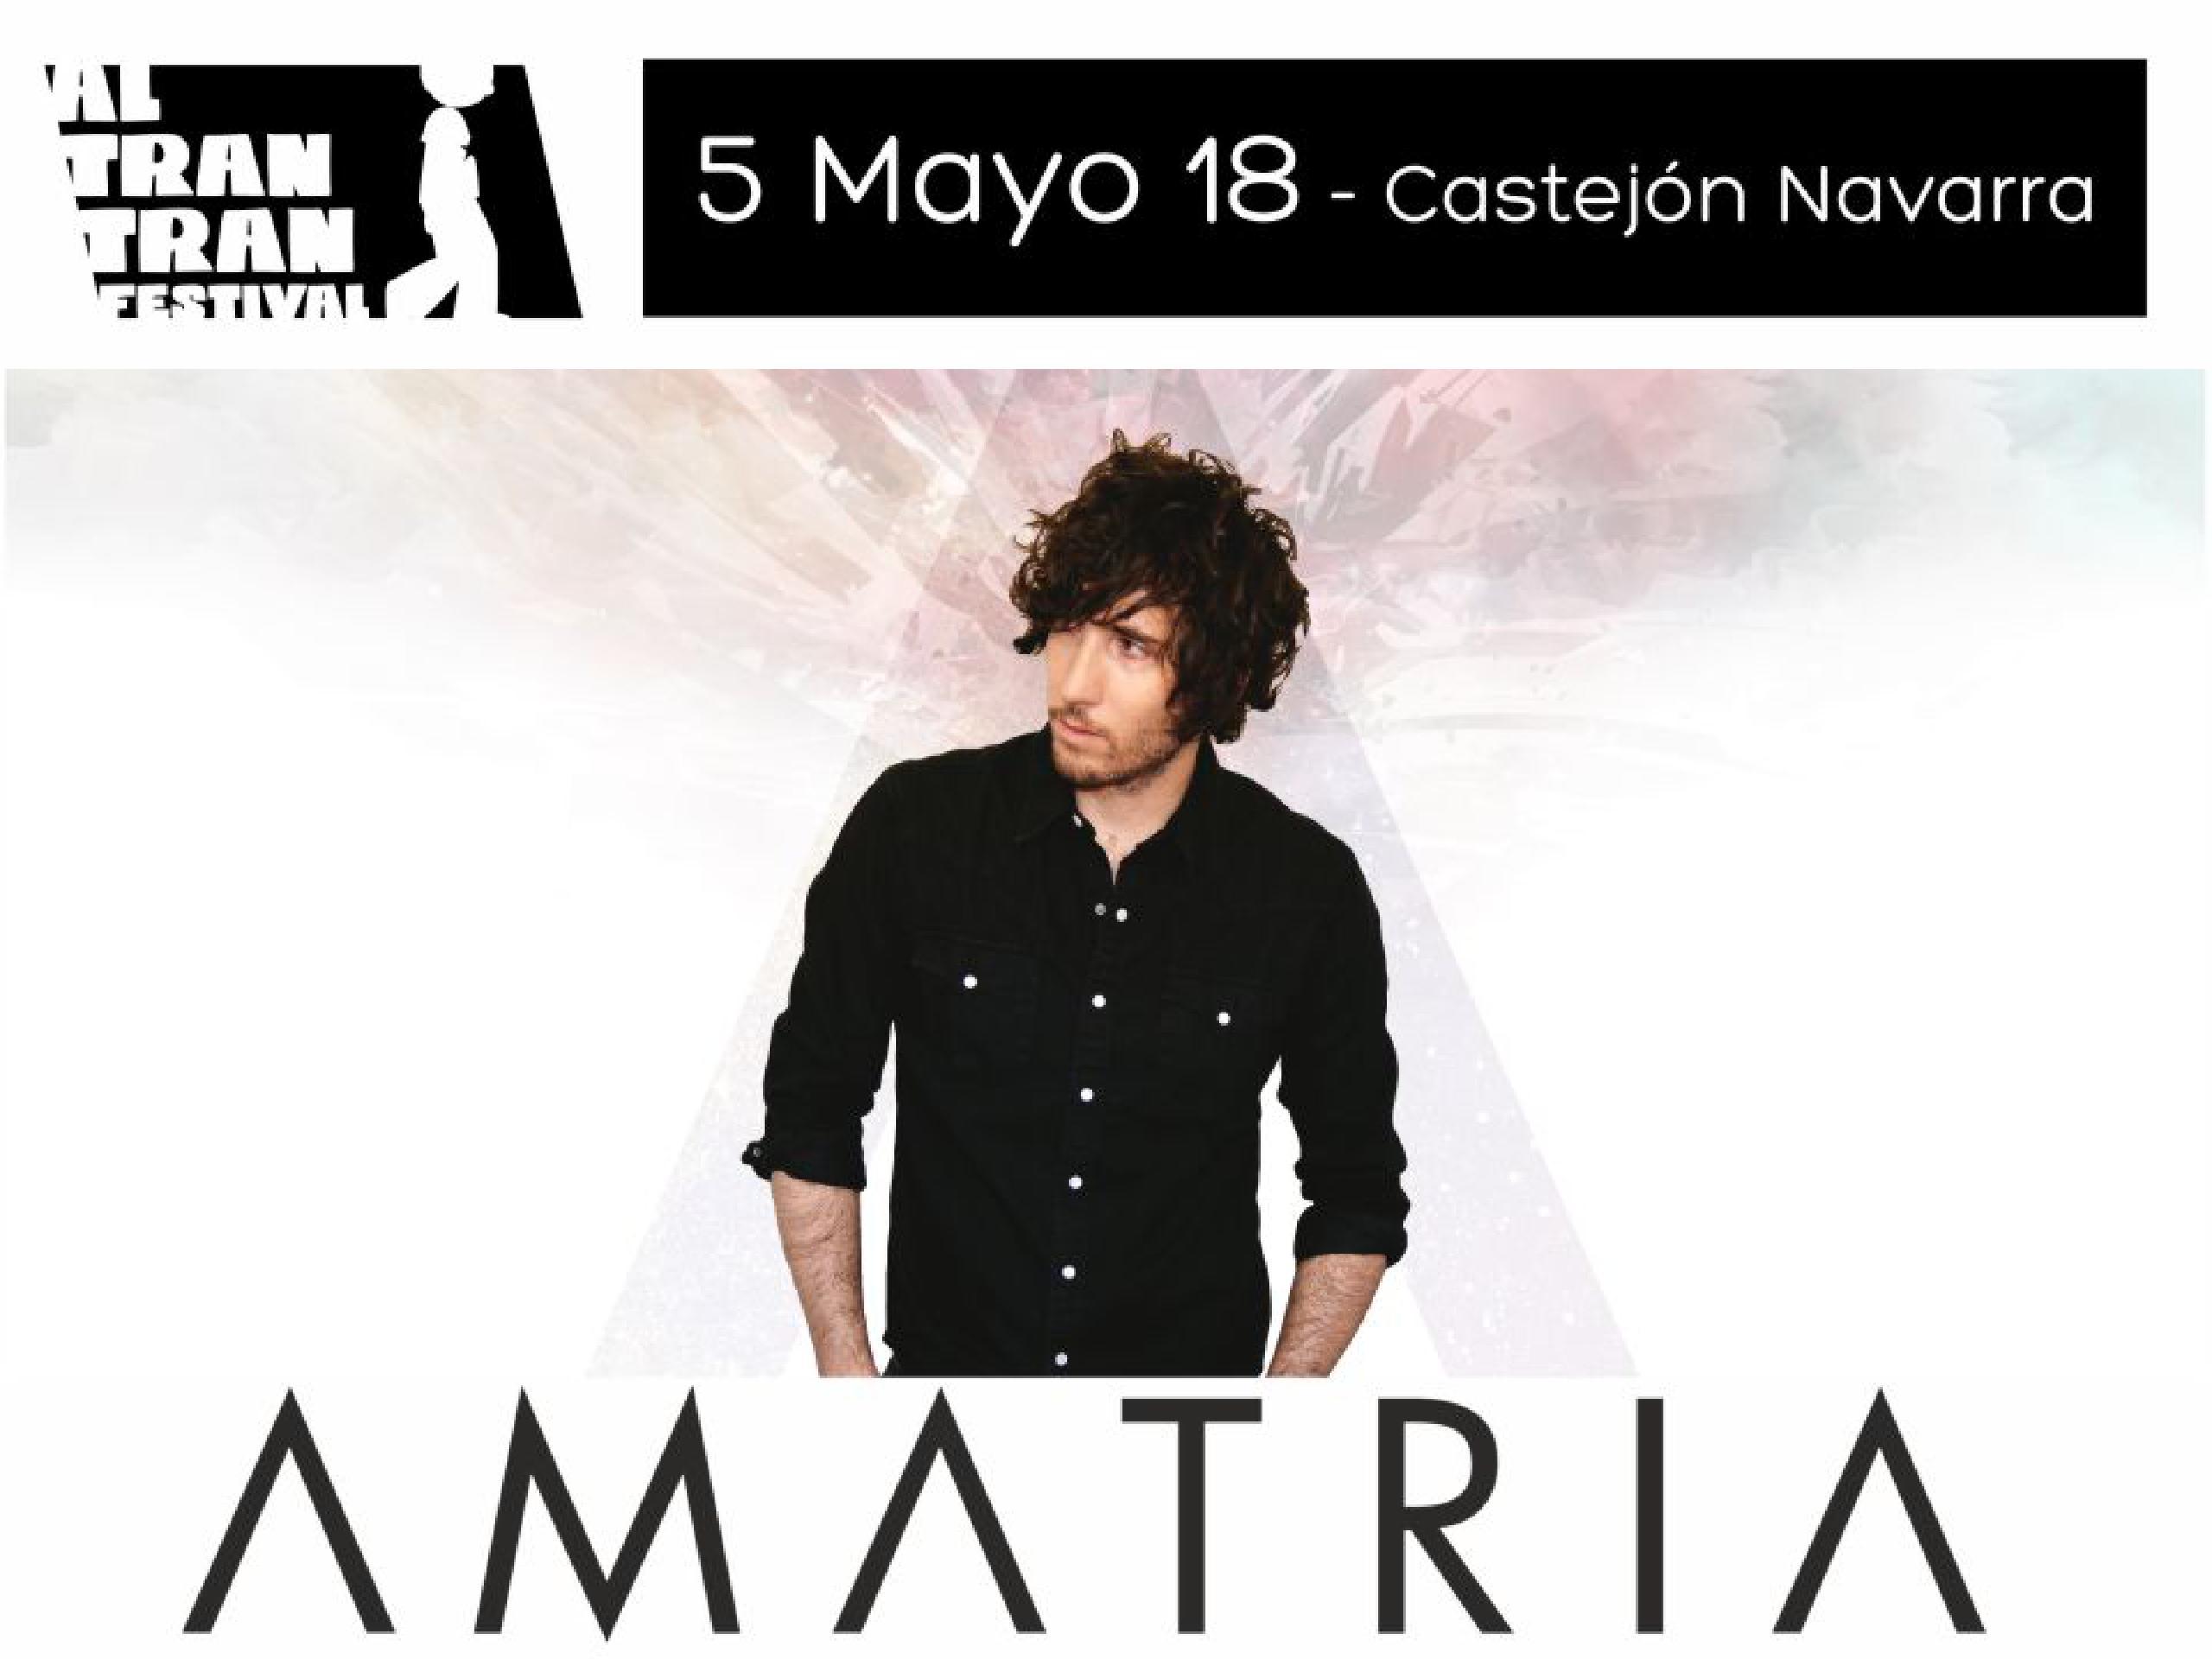 Amatria el 5 de mayo 2018 presentado Algarabia, uno de los disco de este año!